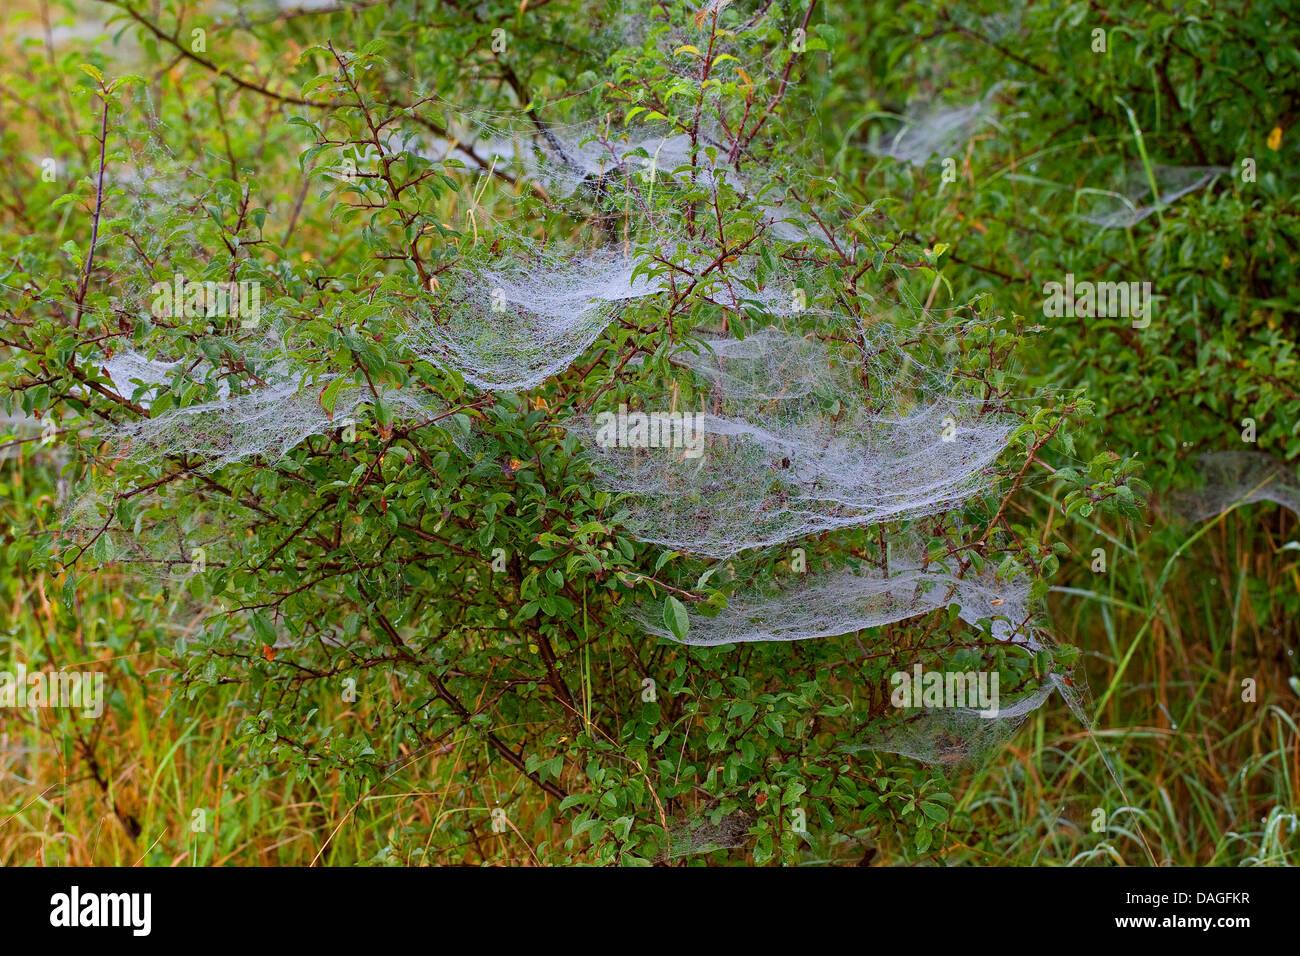 Hoja-web Weaver, Línea de tejer, araña tejedora de línea (Linyphia triangularis), con morningdew Imagen De Stock